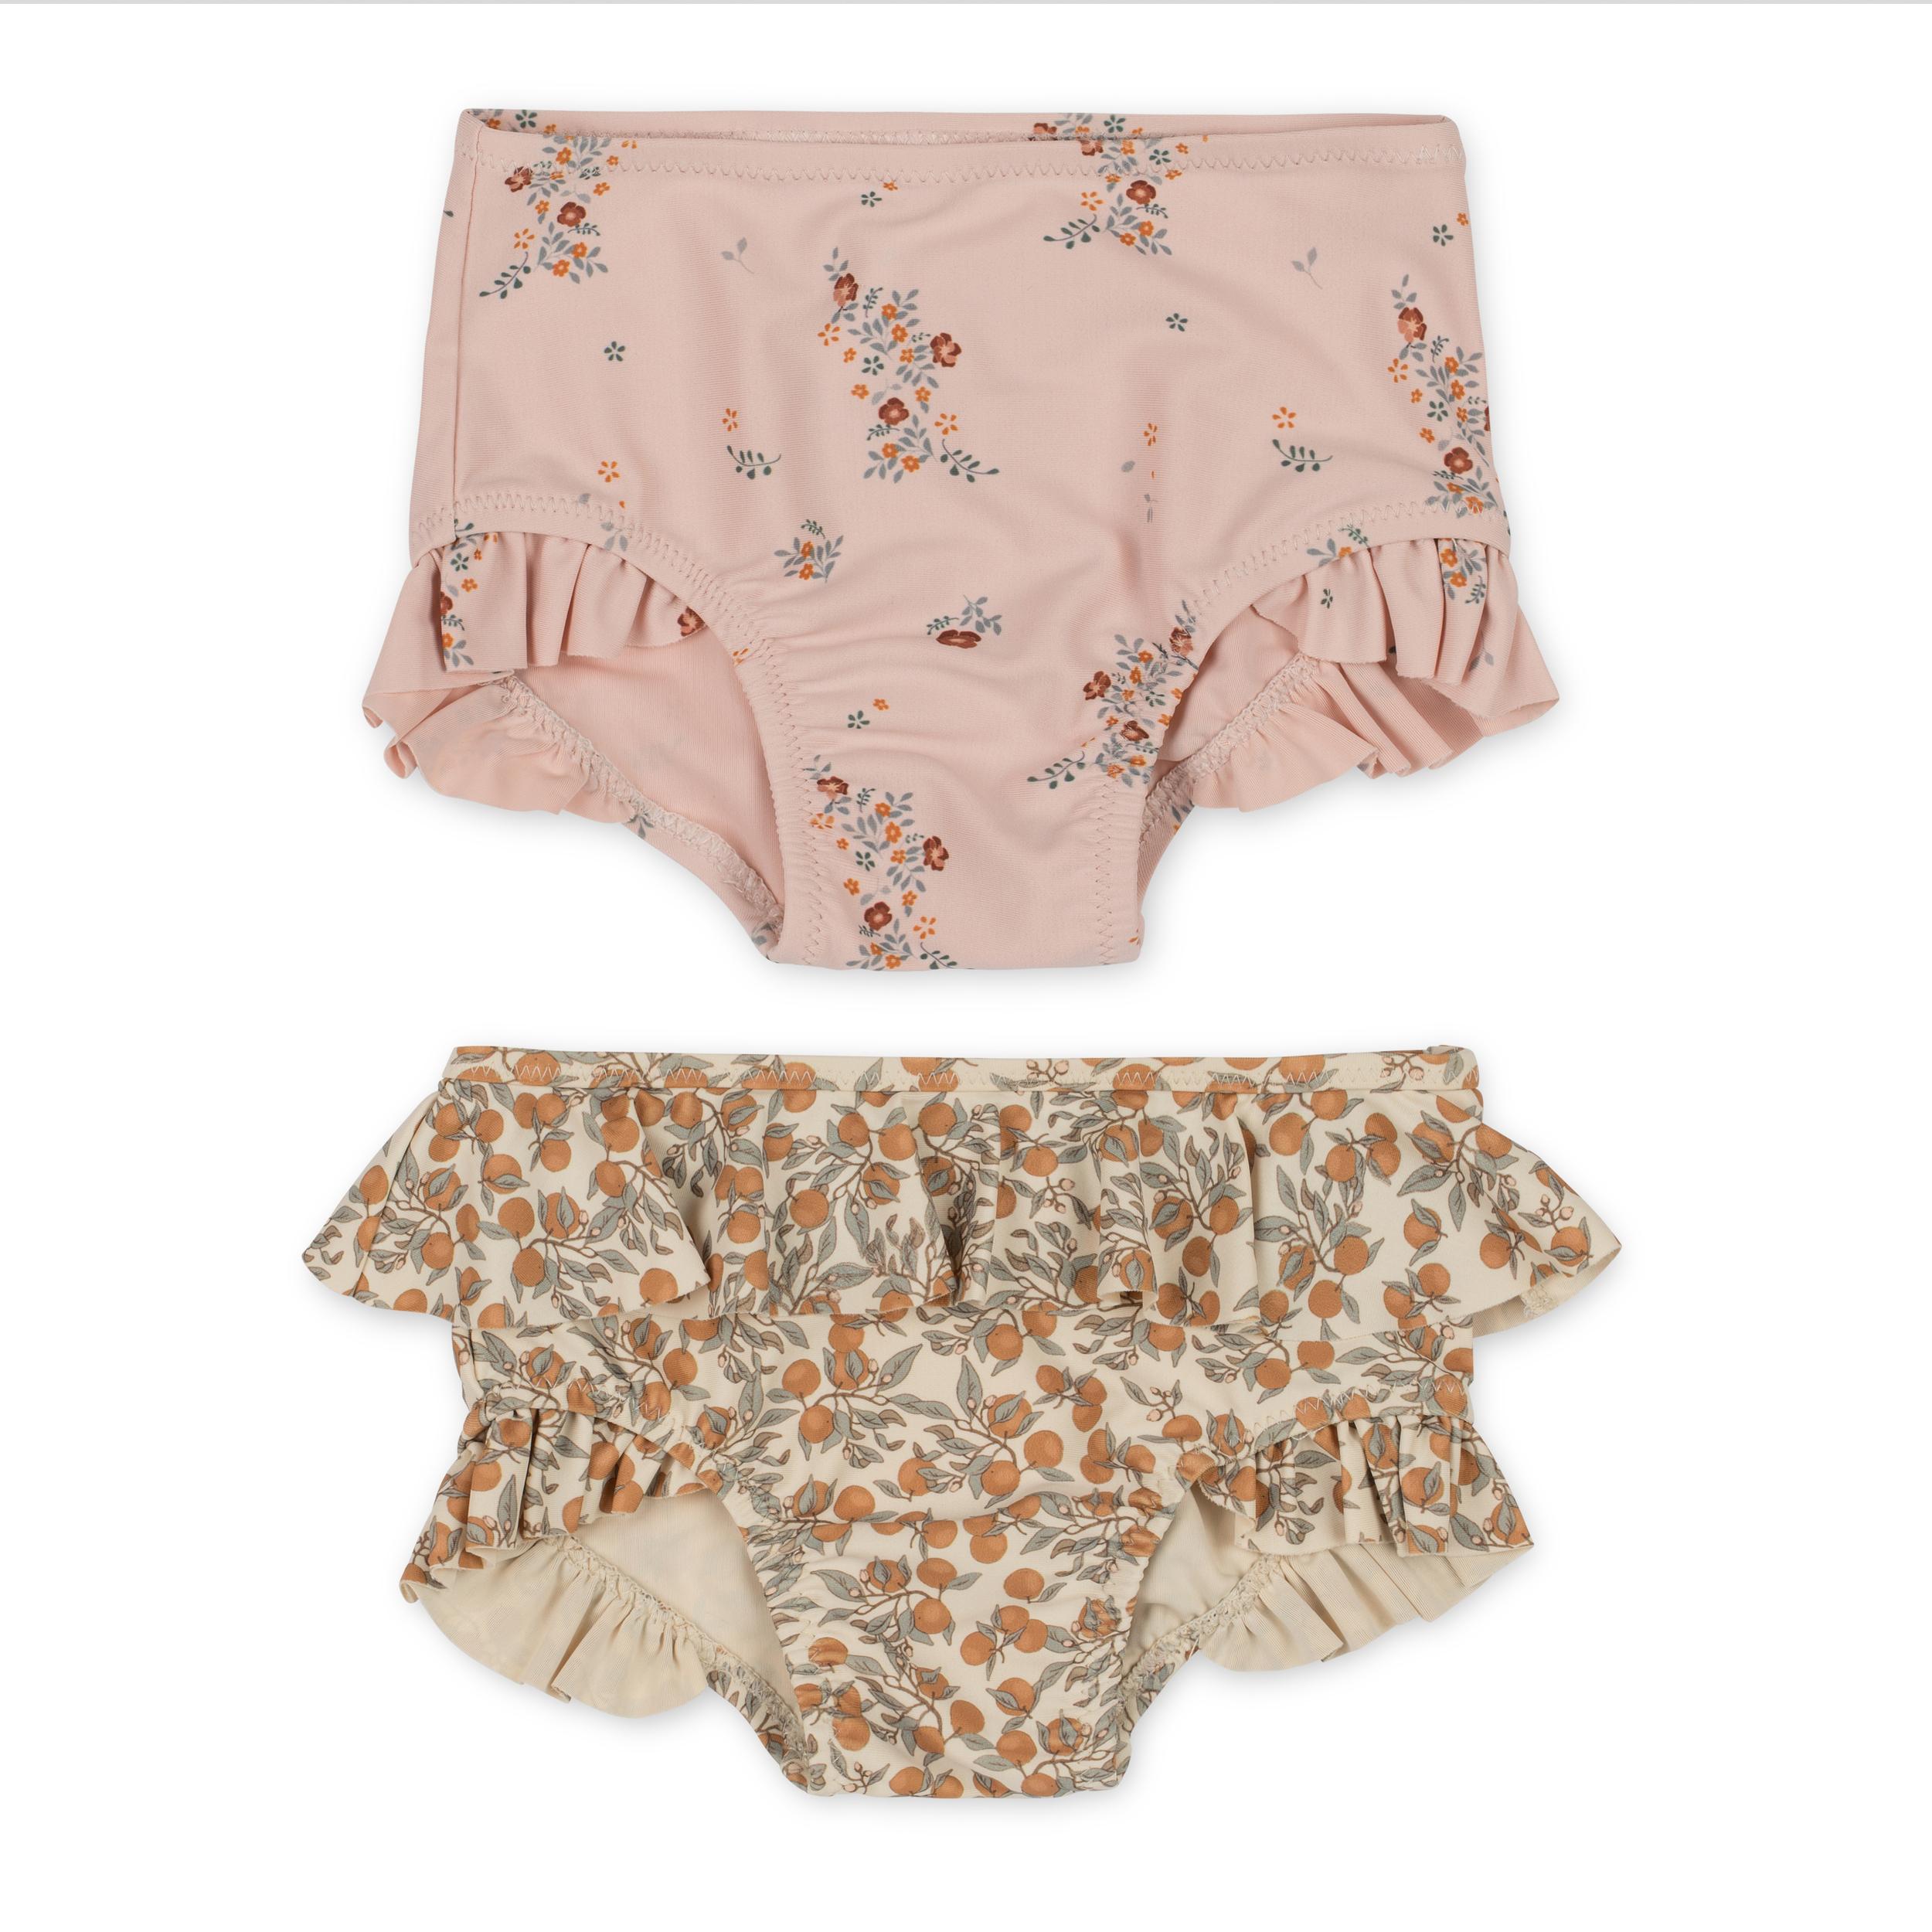 Lot de 2 maillots de bain enfant - Orangery beige, nostalgie blush